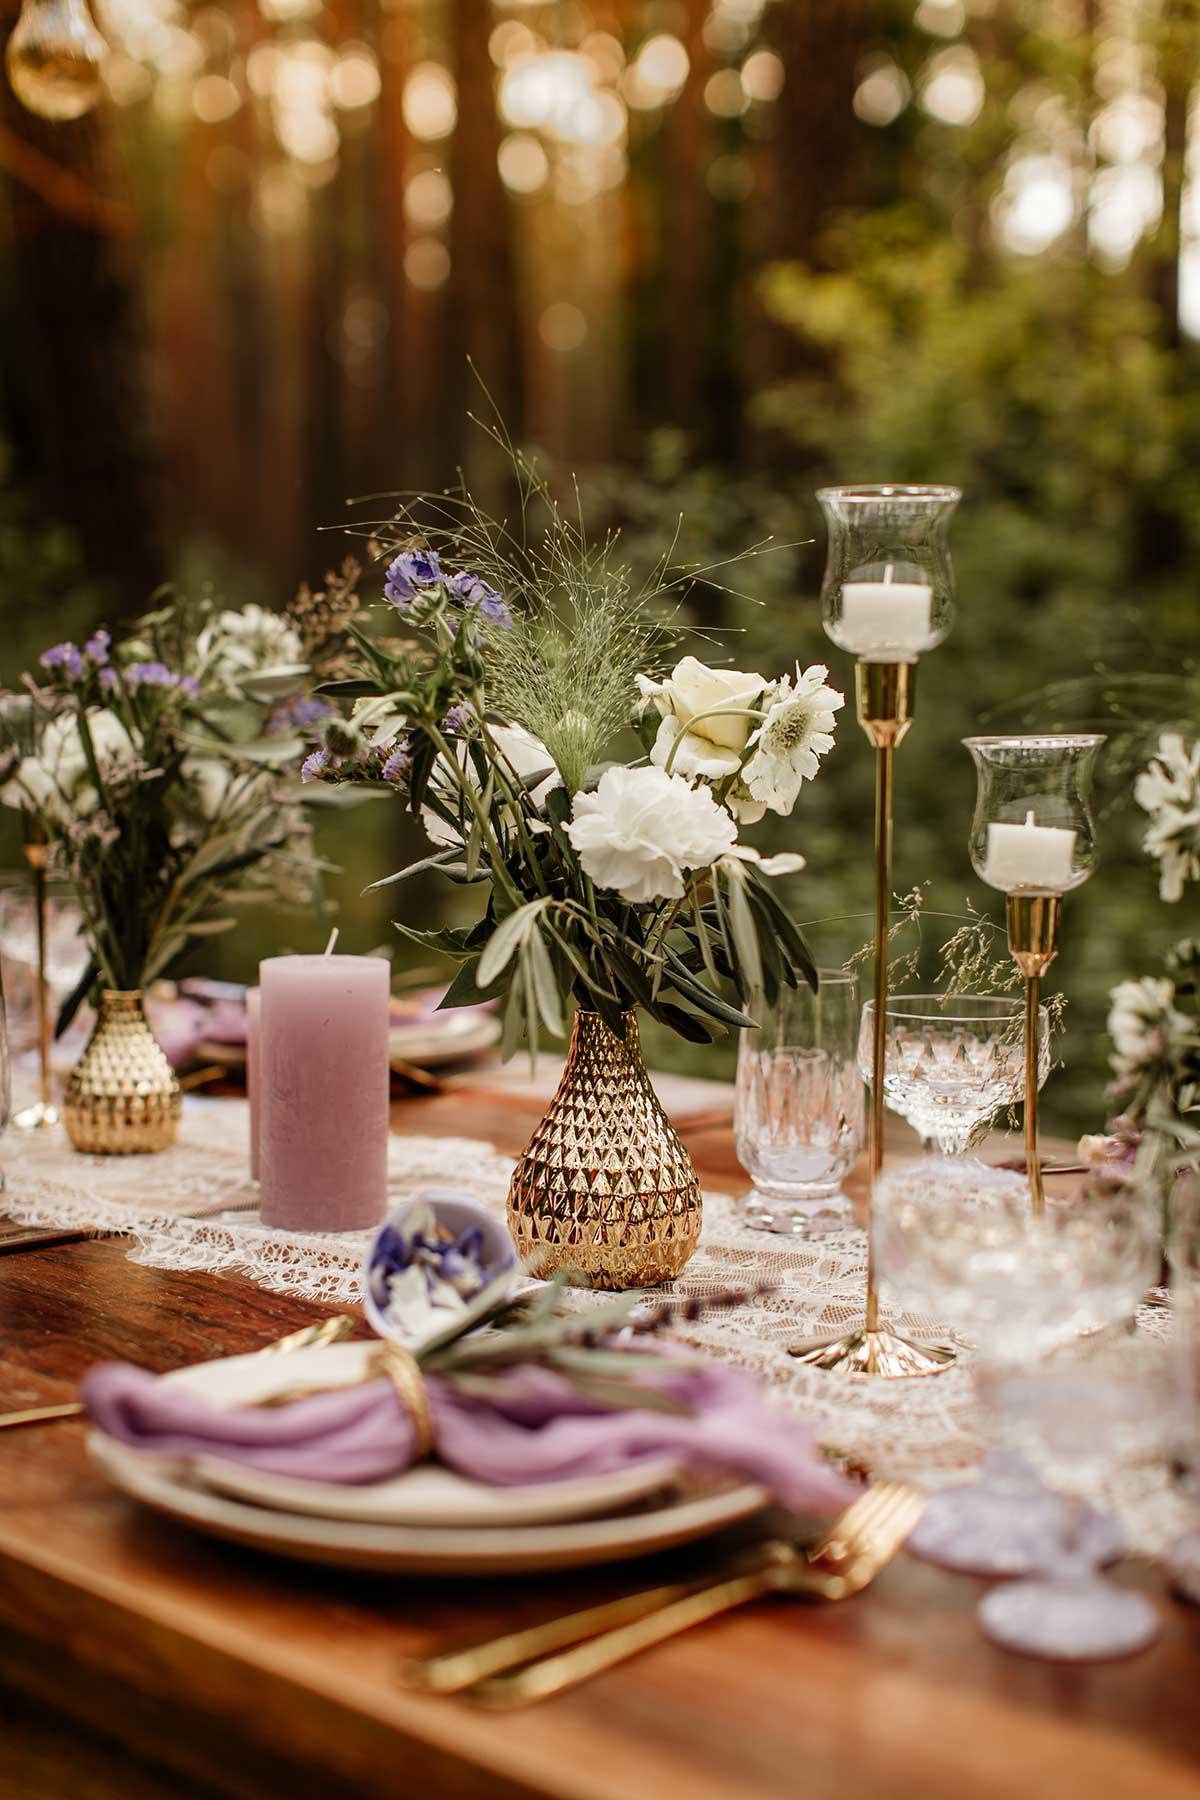 Tischdeko bei der Hochzeit im Wald